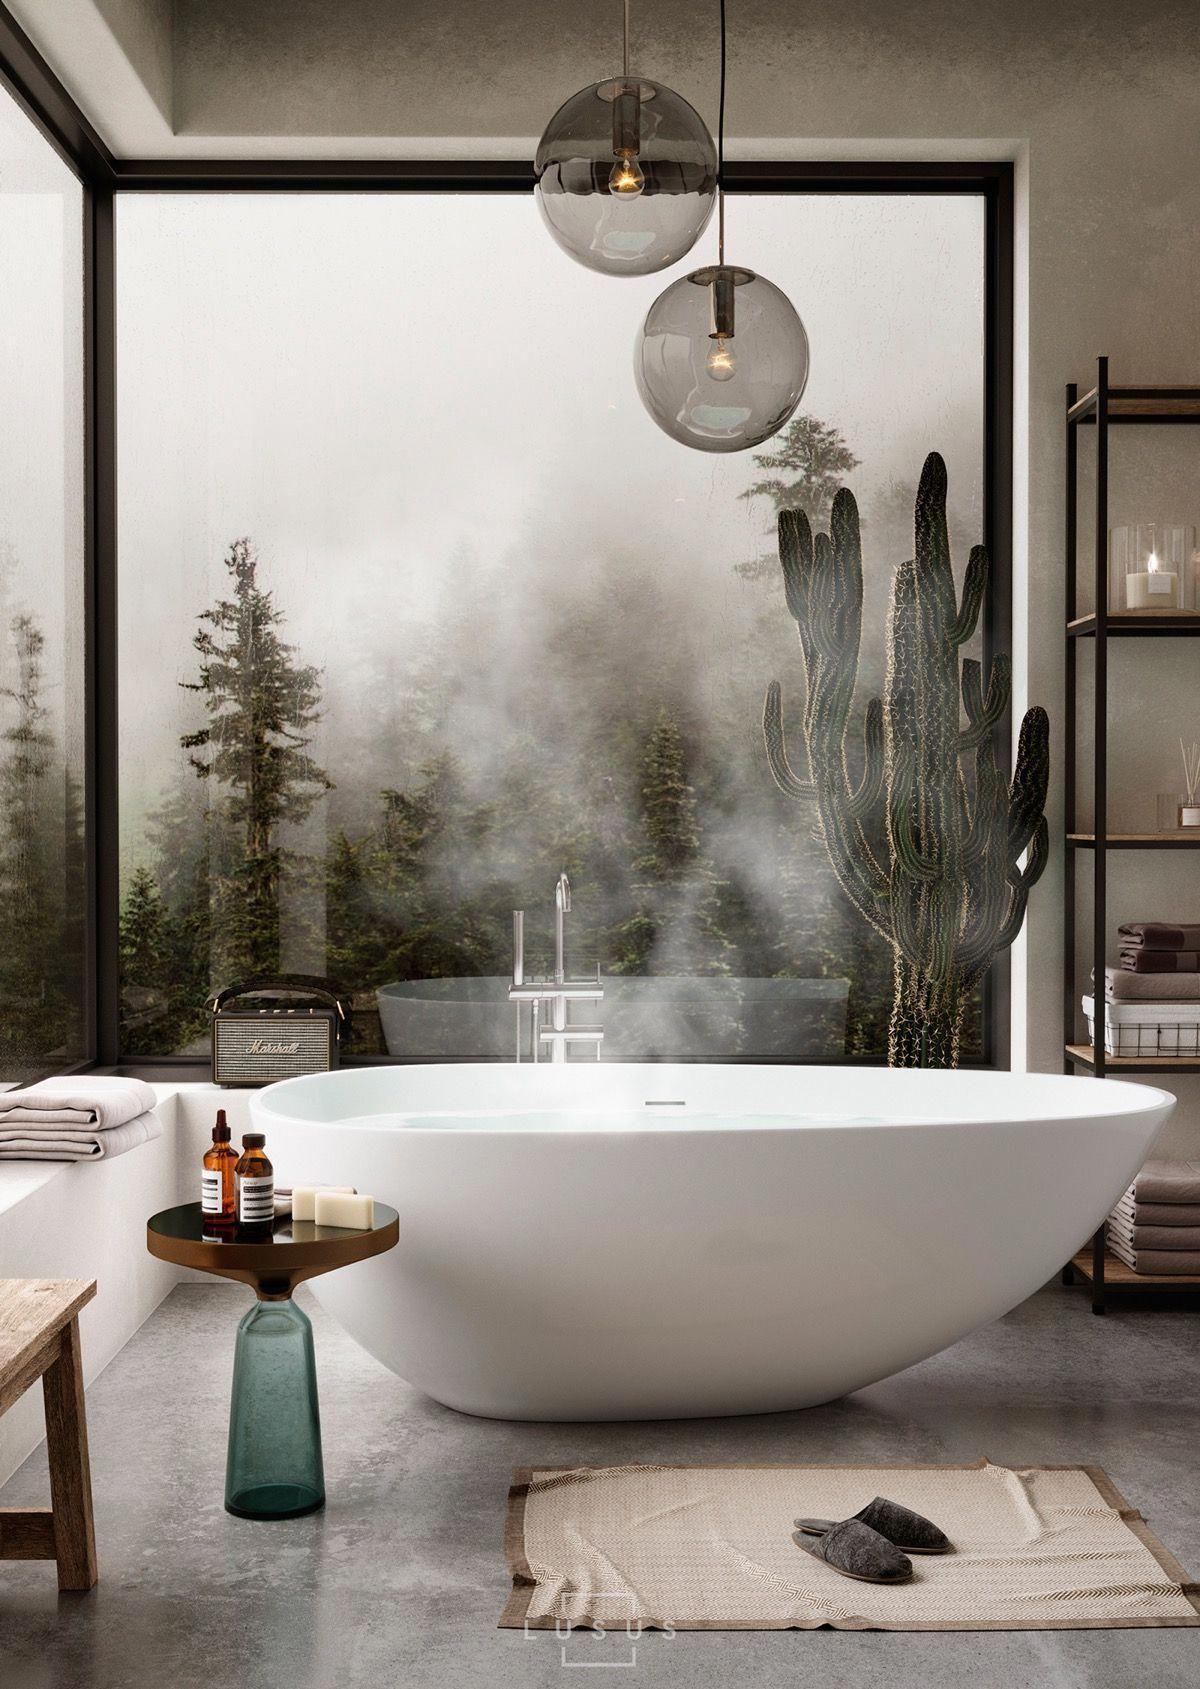 Inspect Below For Bathroom Inspiration Luxury Bathroom Spa Style Bathroom Modern Bathtub Latest style bathroom below